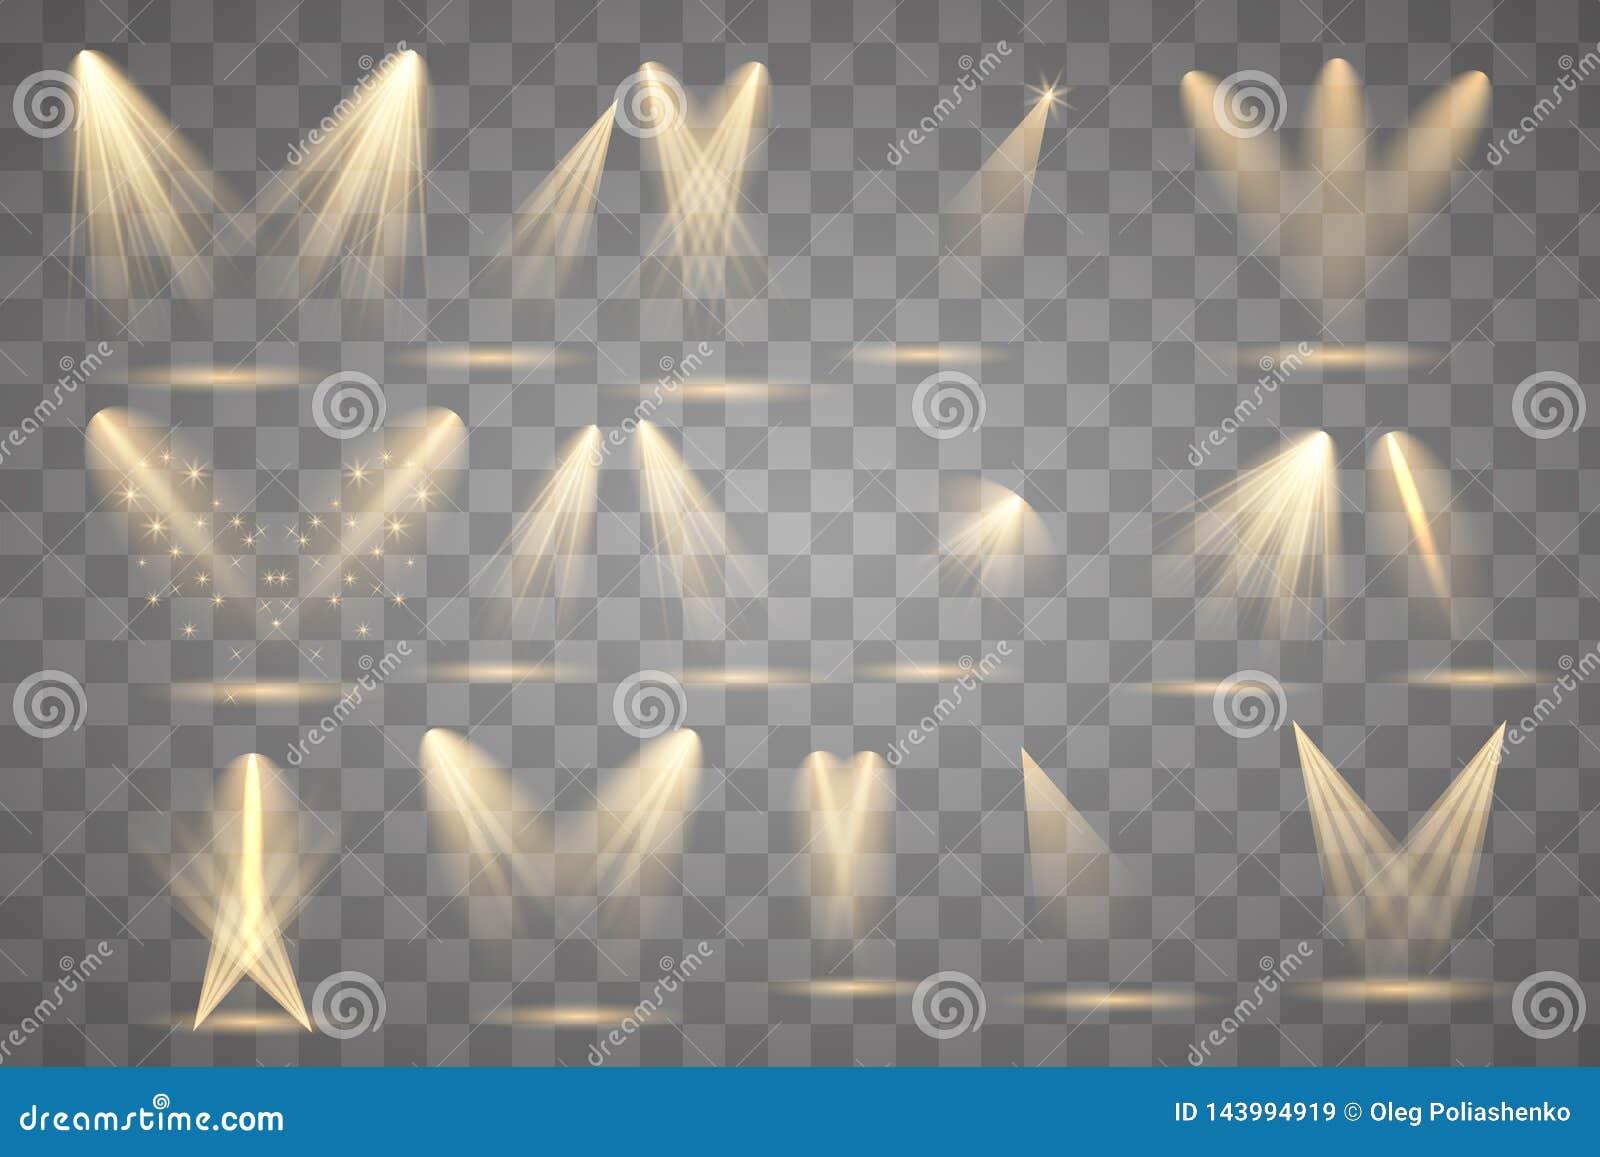 Iluminaci?n brillante con los proyectores